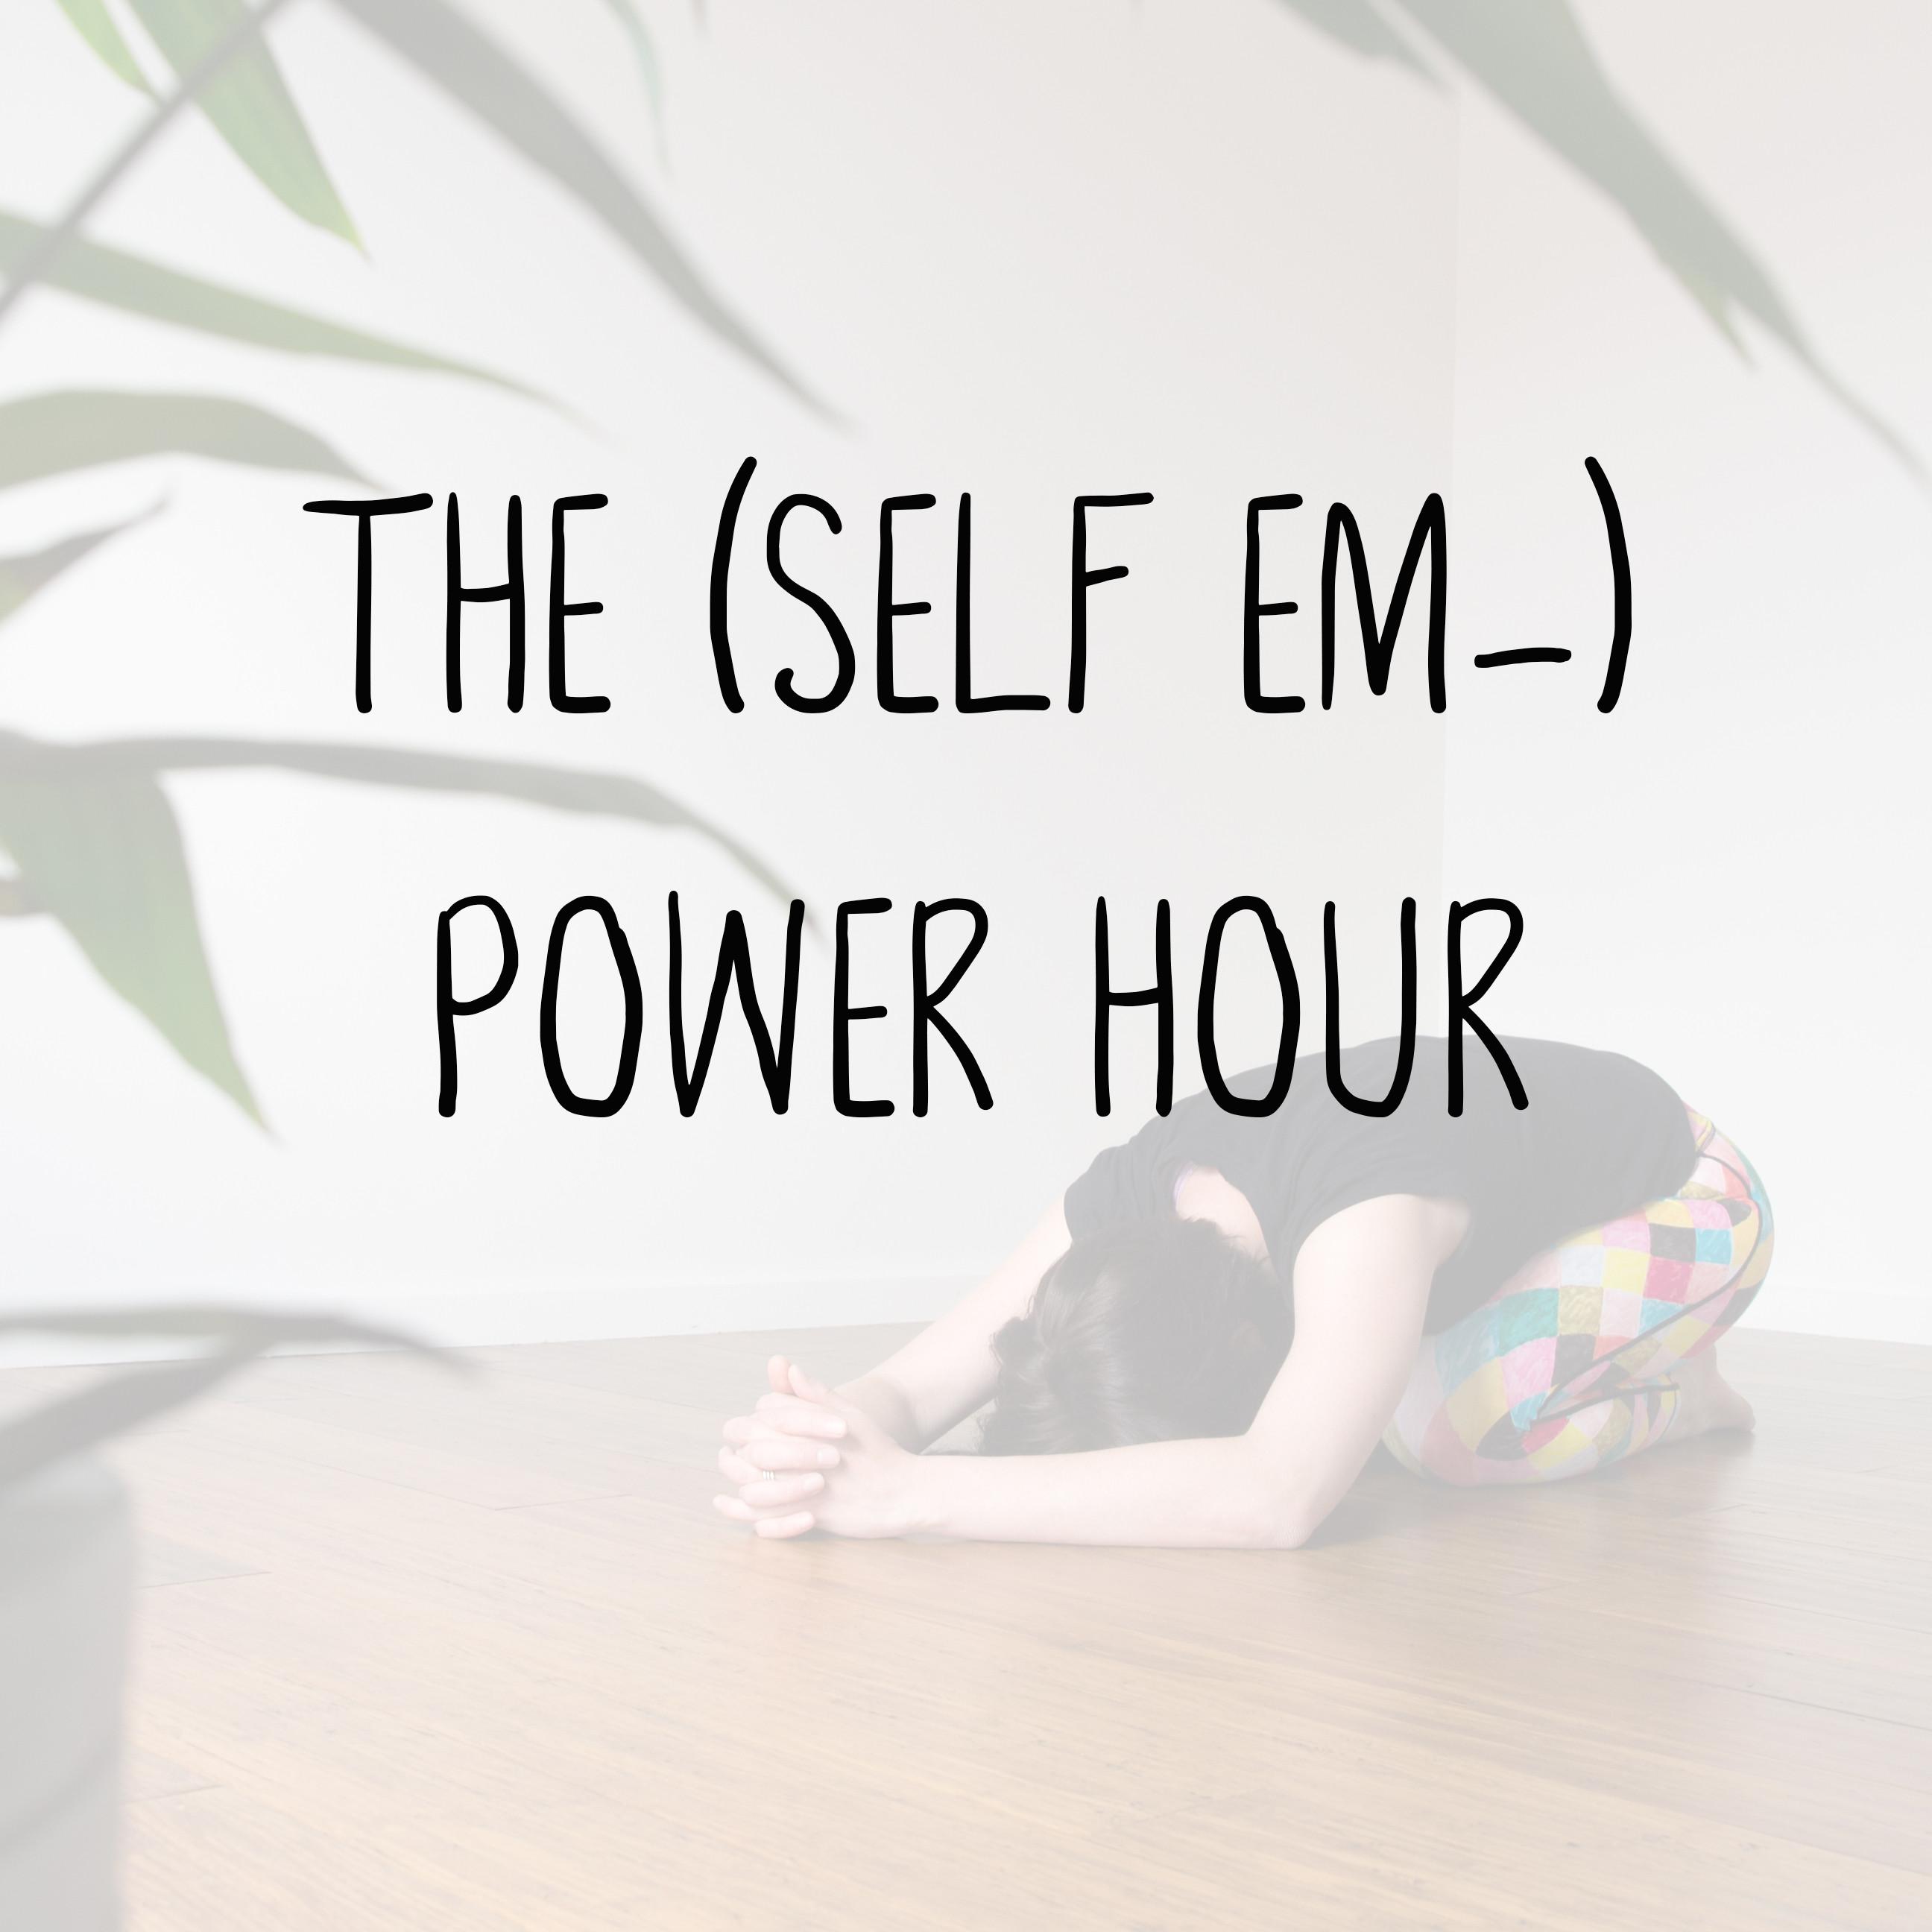 The (Self em-) Power Hour